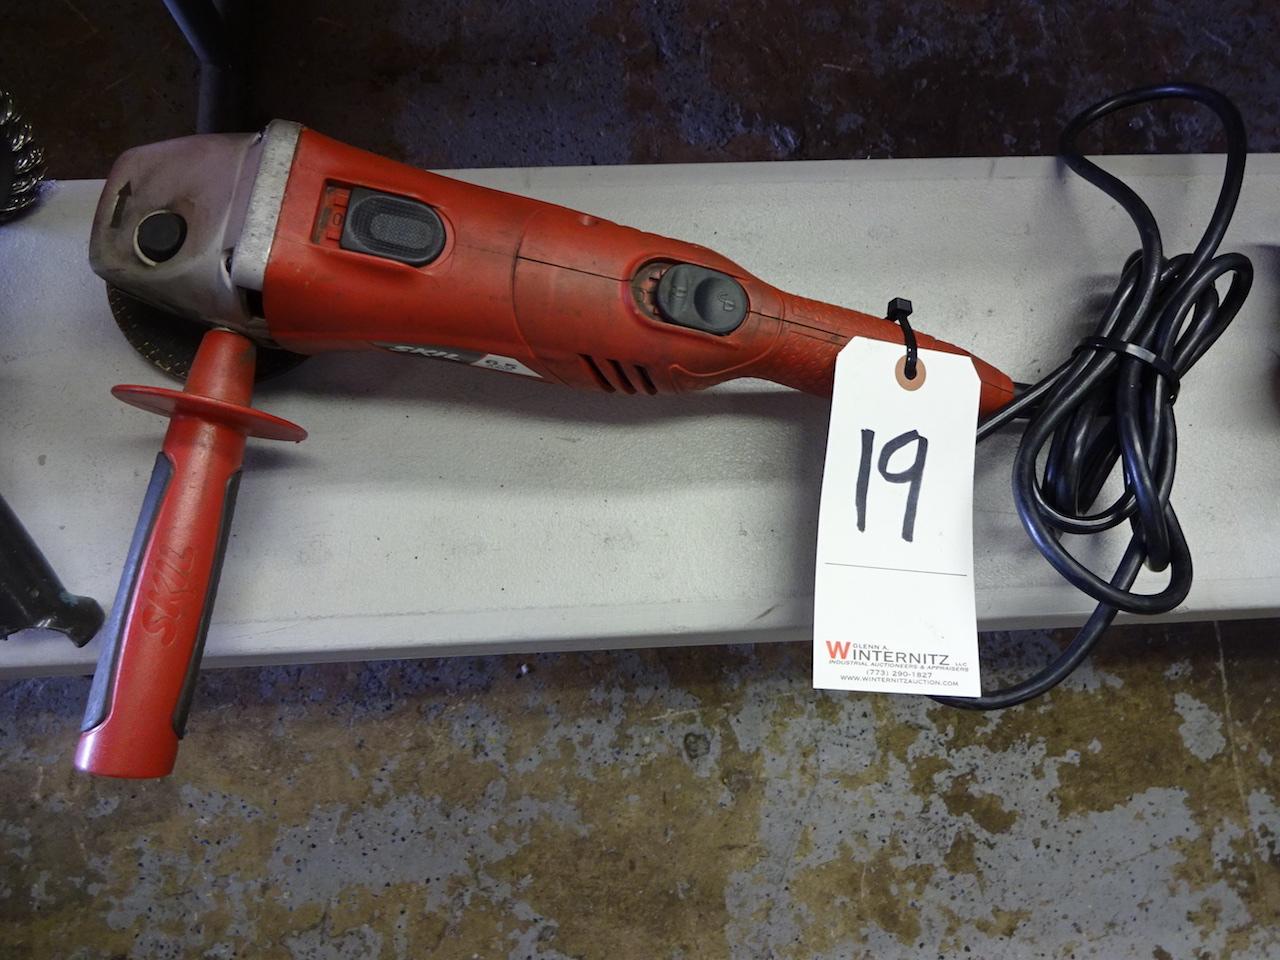 Lot 19 - SKIL MODEL 9330 ANGLE GRINDER